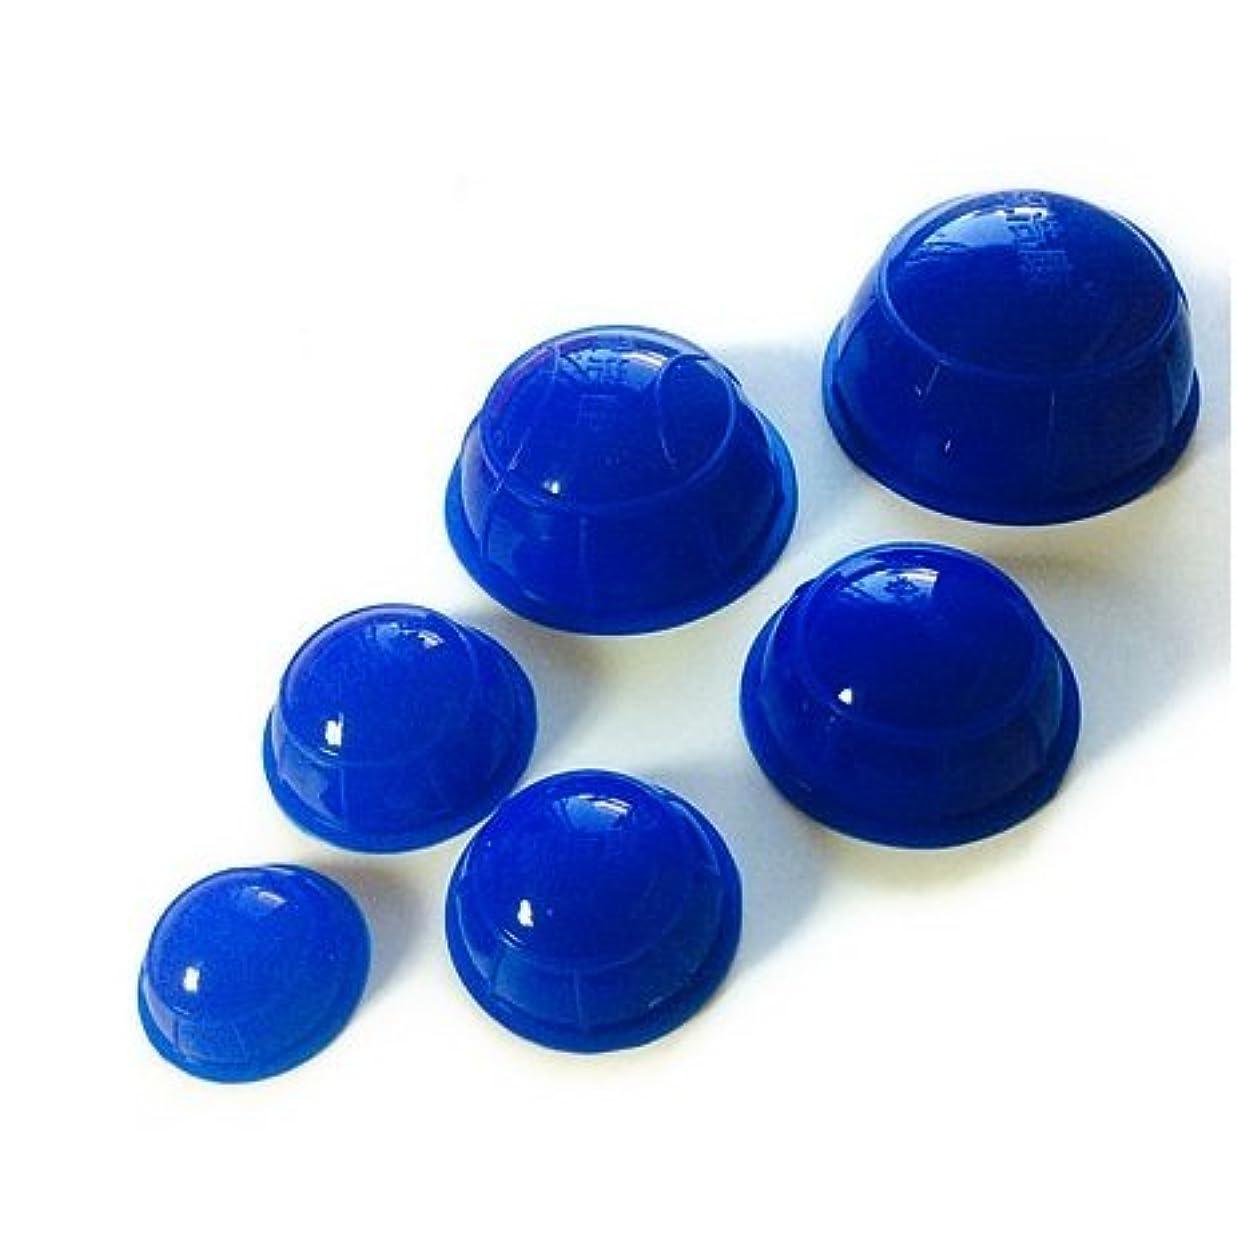 かなりのメンタル鰐簡易 吸い玉6個セット ブルー 大中小5種類の大きさ